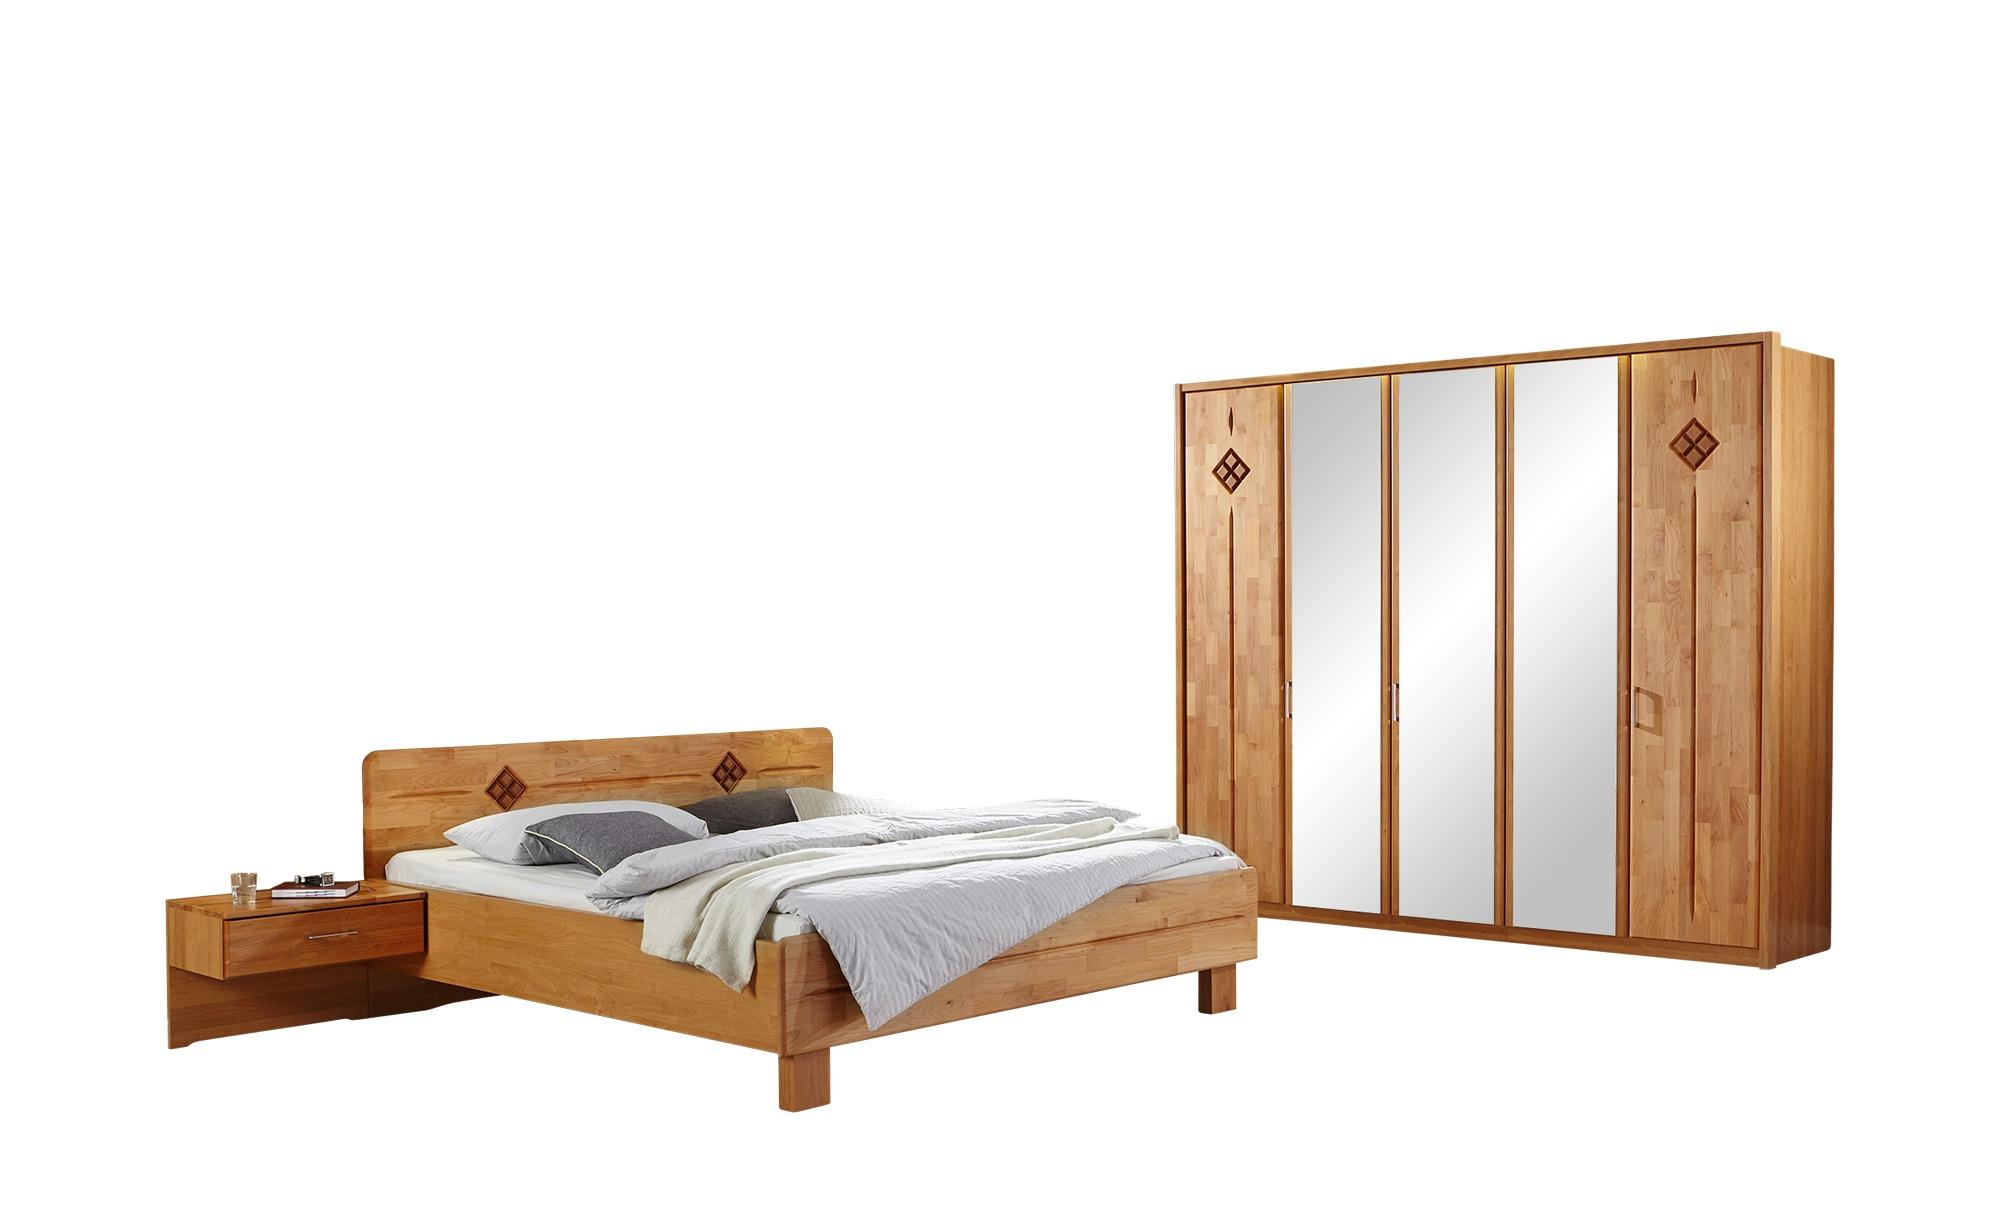 Woodford Komplett-Schlafzimmer 4-tlg.  Genua ¦ holzfarben Komplett-Schlafzi günstig online kaufen